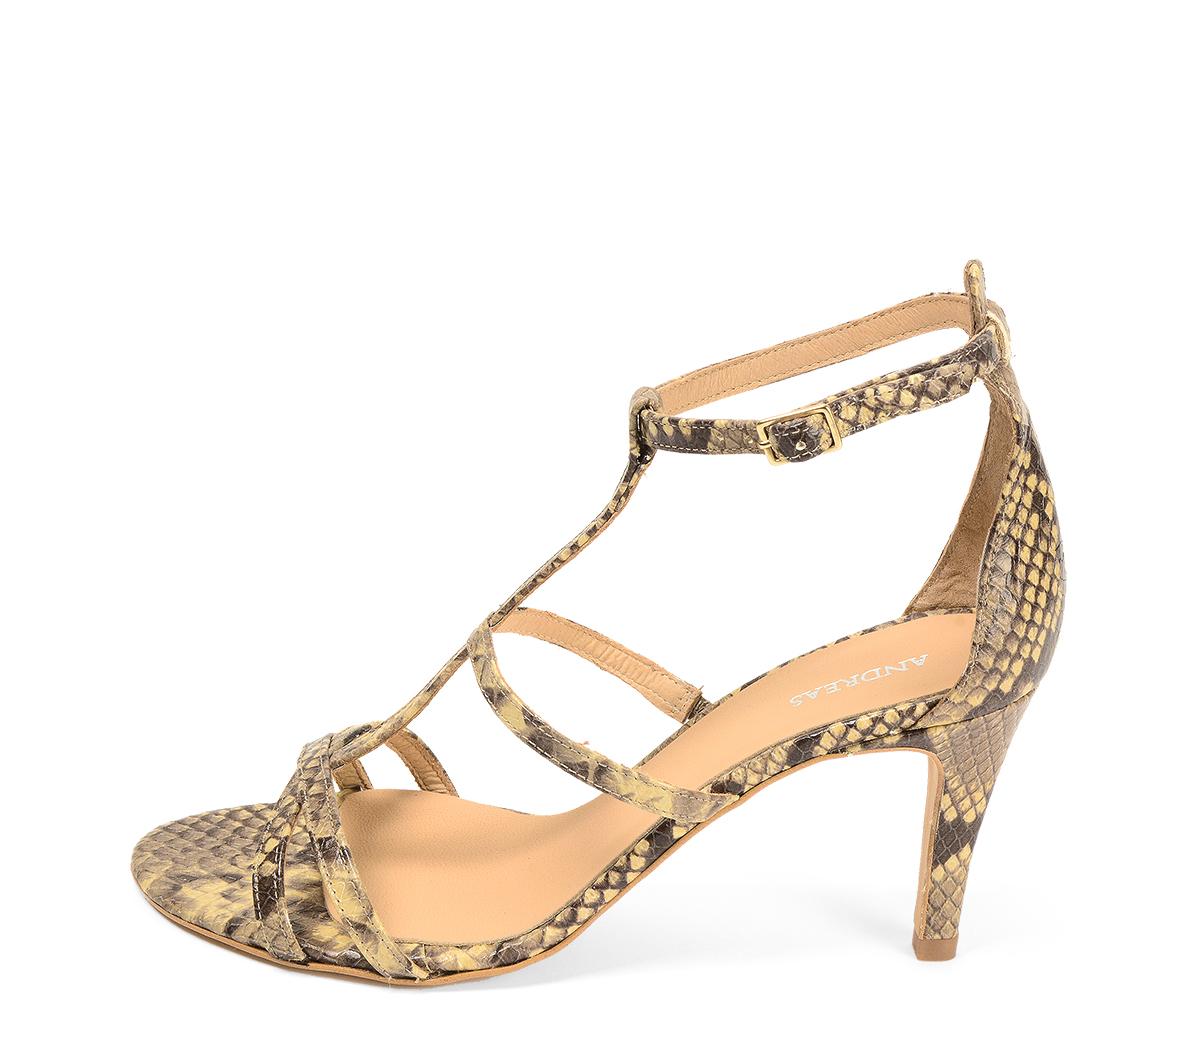 Ref. 4316 Sandalia piel beige con grabado serpiente. Tiras en la pala y pulsera al tobillo. Hebilla dorada. Altura tacón 8 cm y sin plataforma delantera.